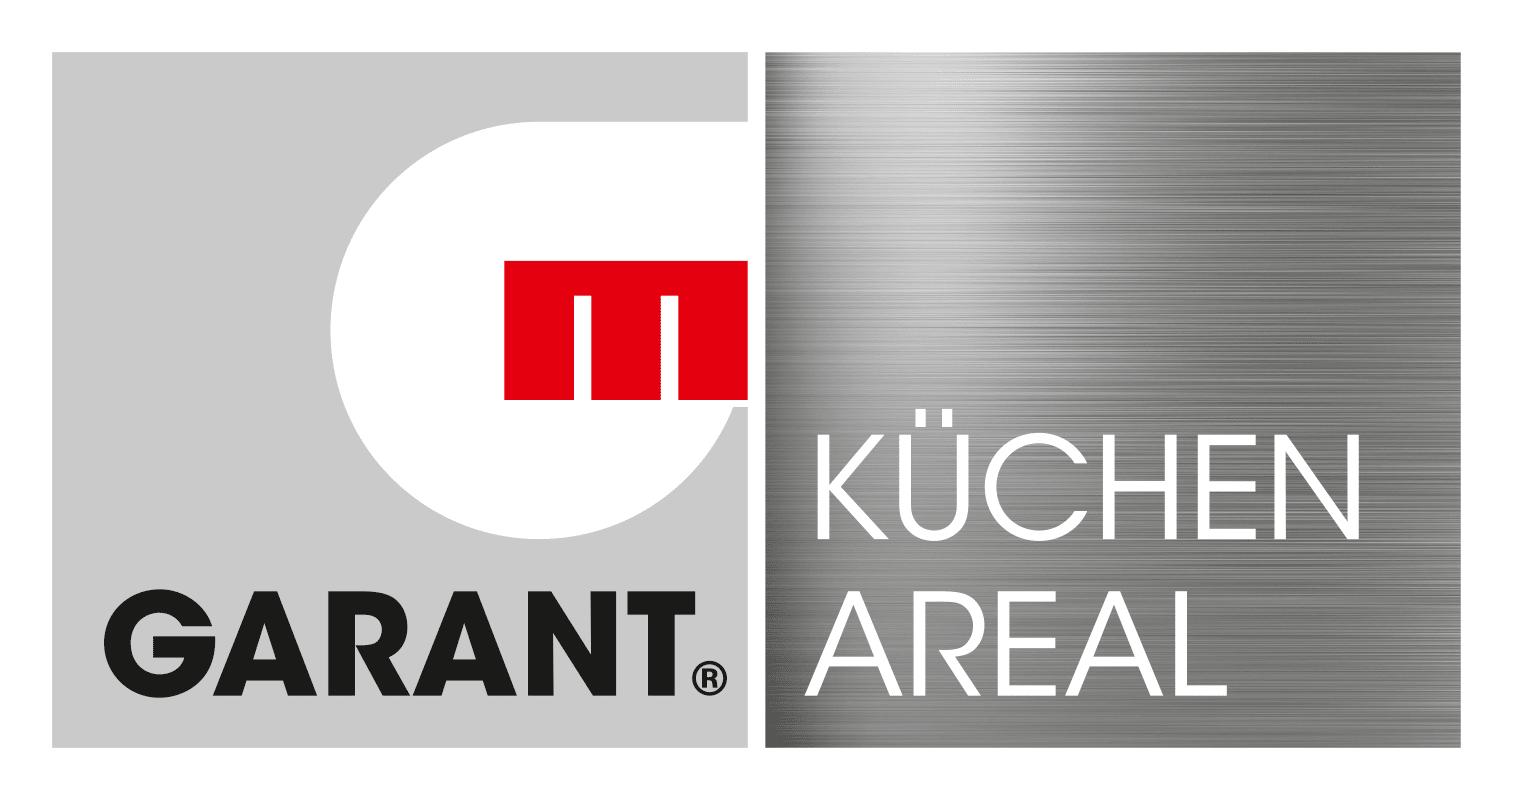 Garant Küchen Areal